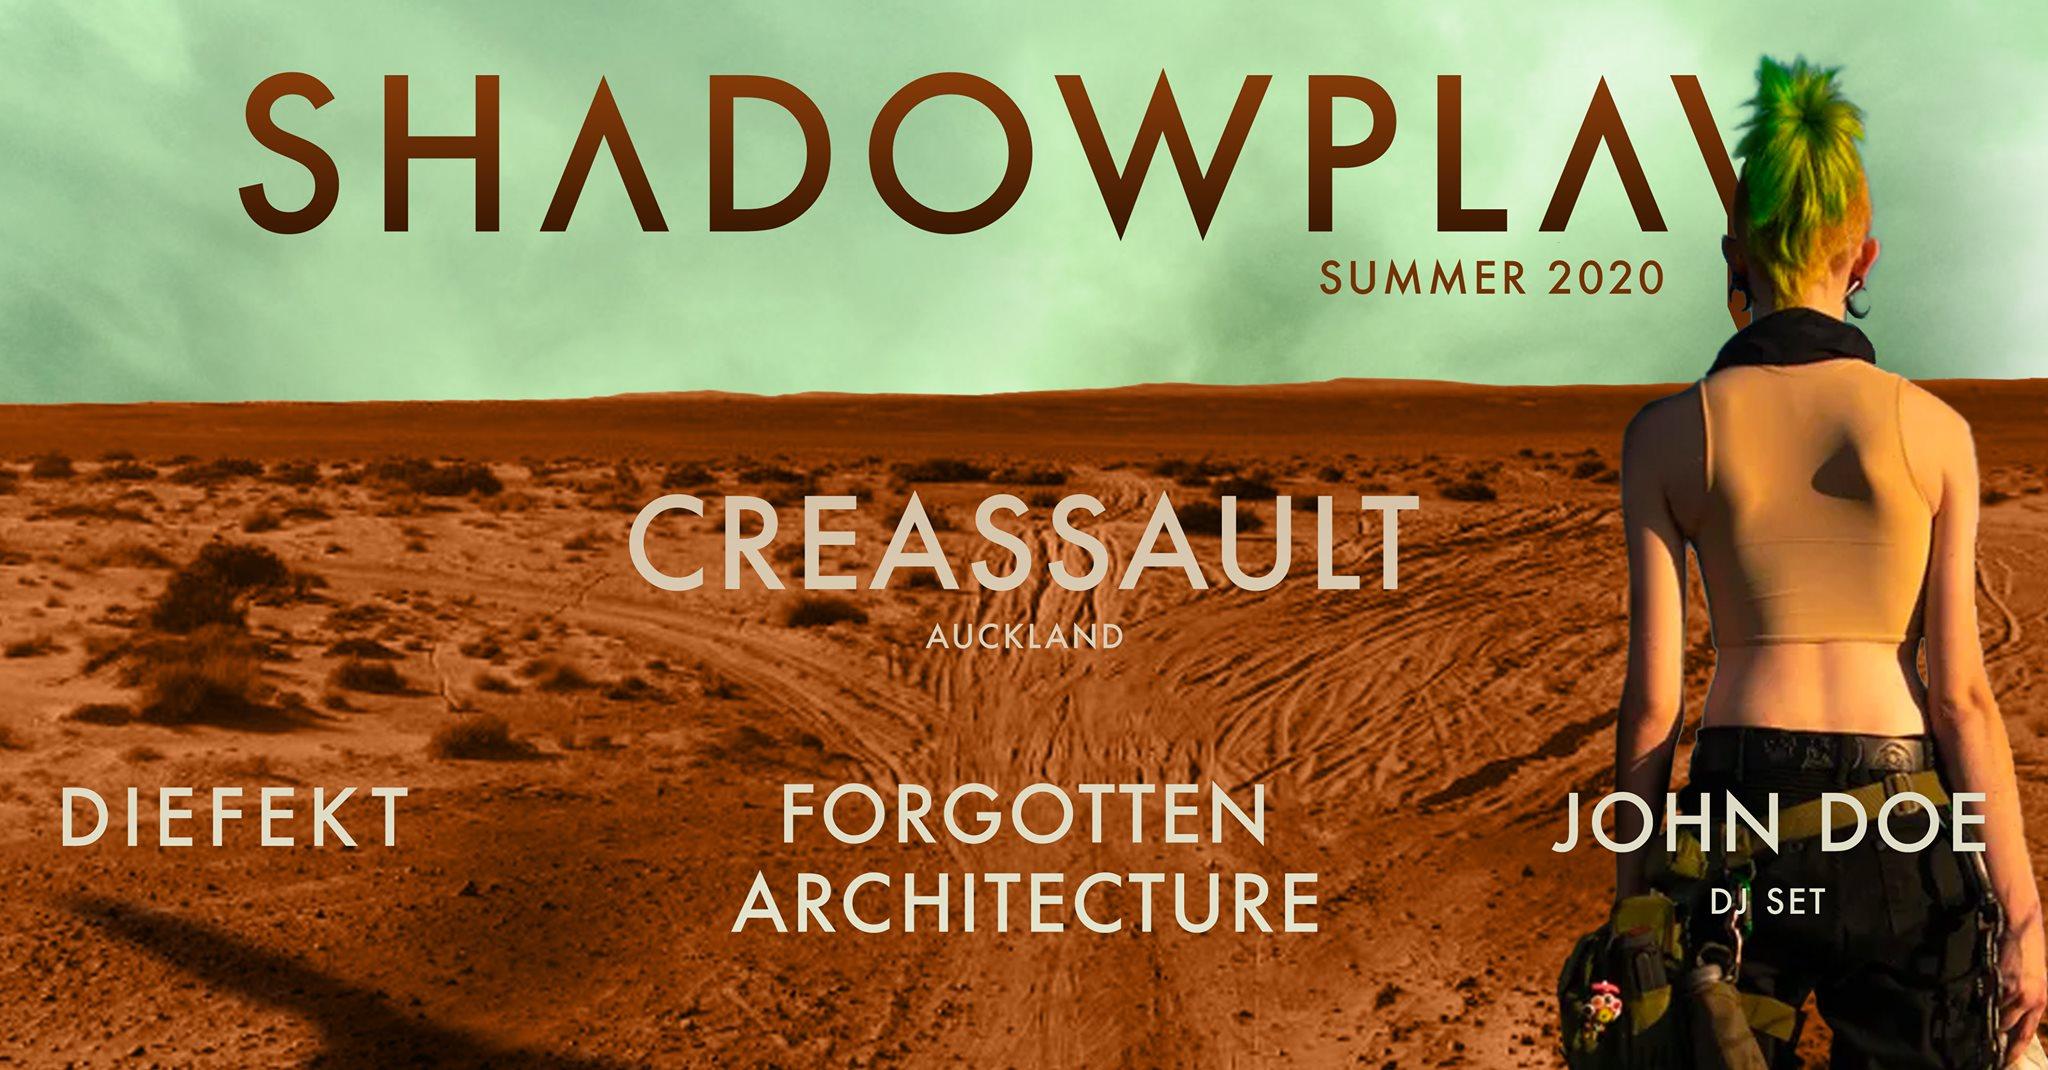 Shadowplay Summer